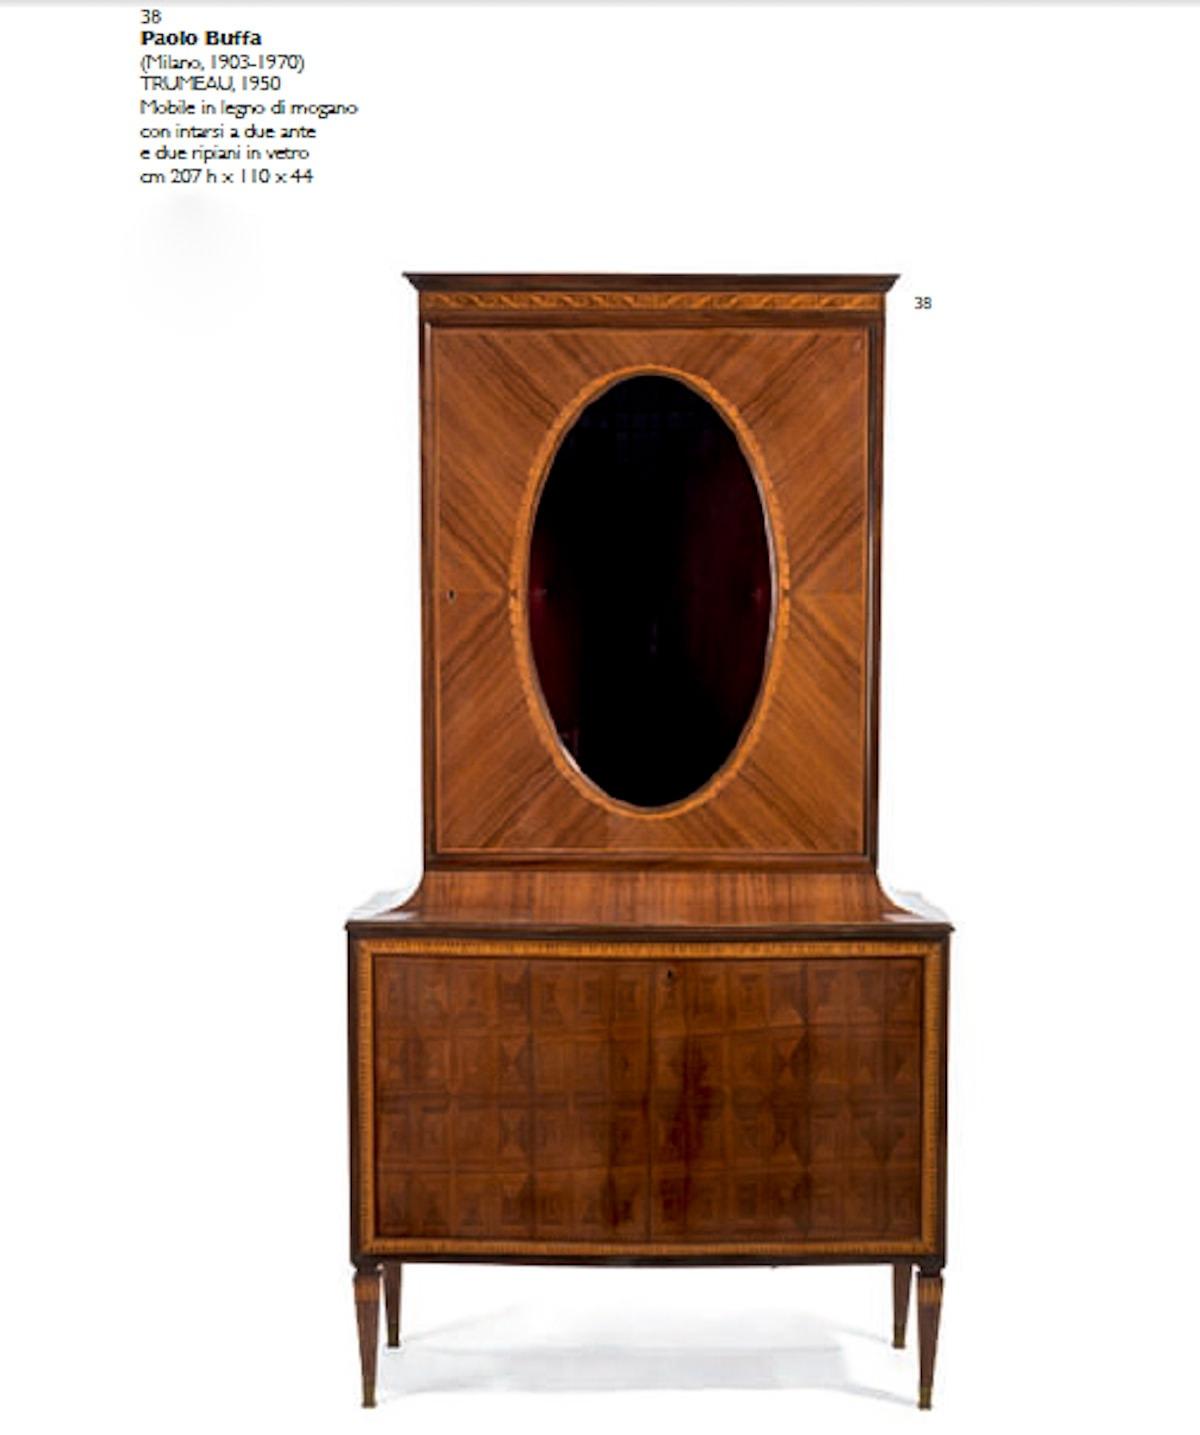 Trumeau Paolo Buffa auction Italian design 1950's